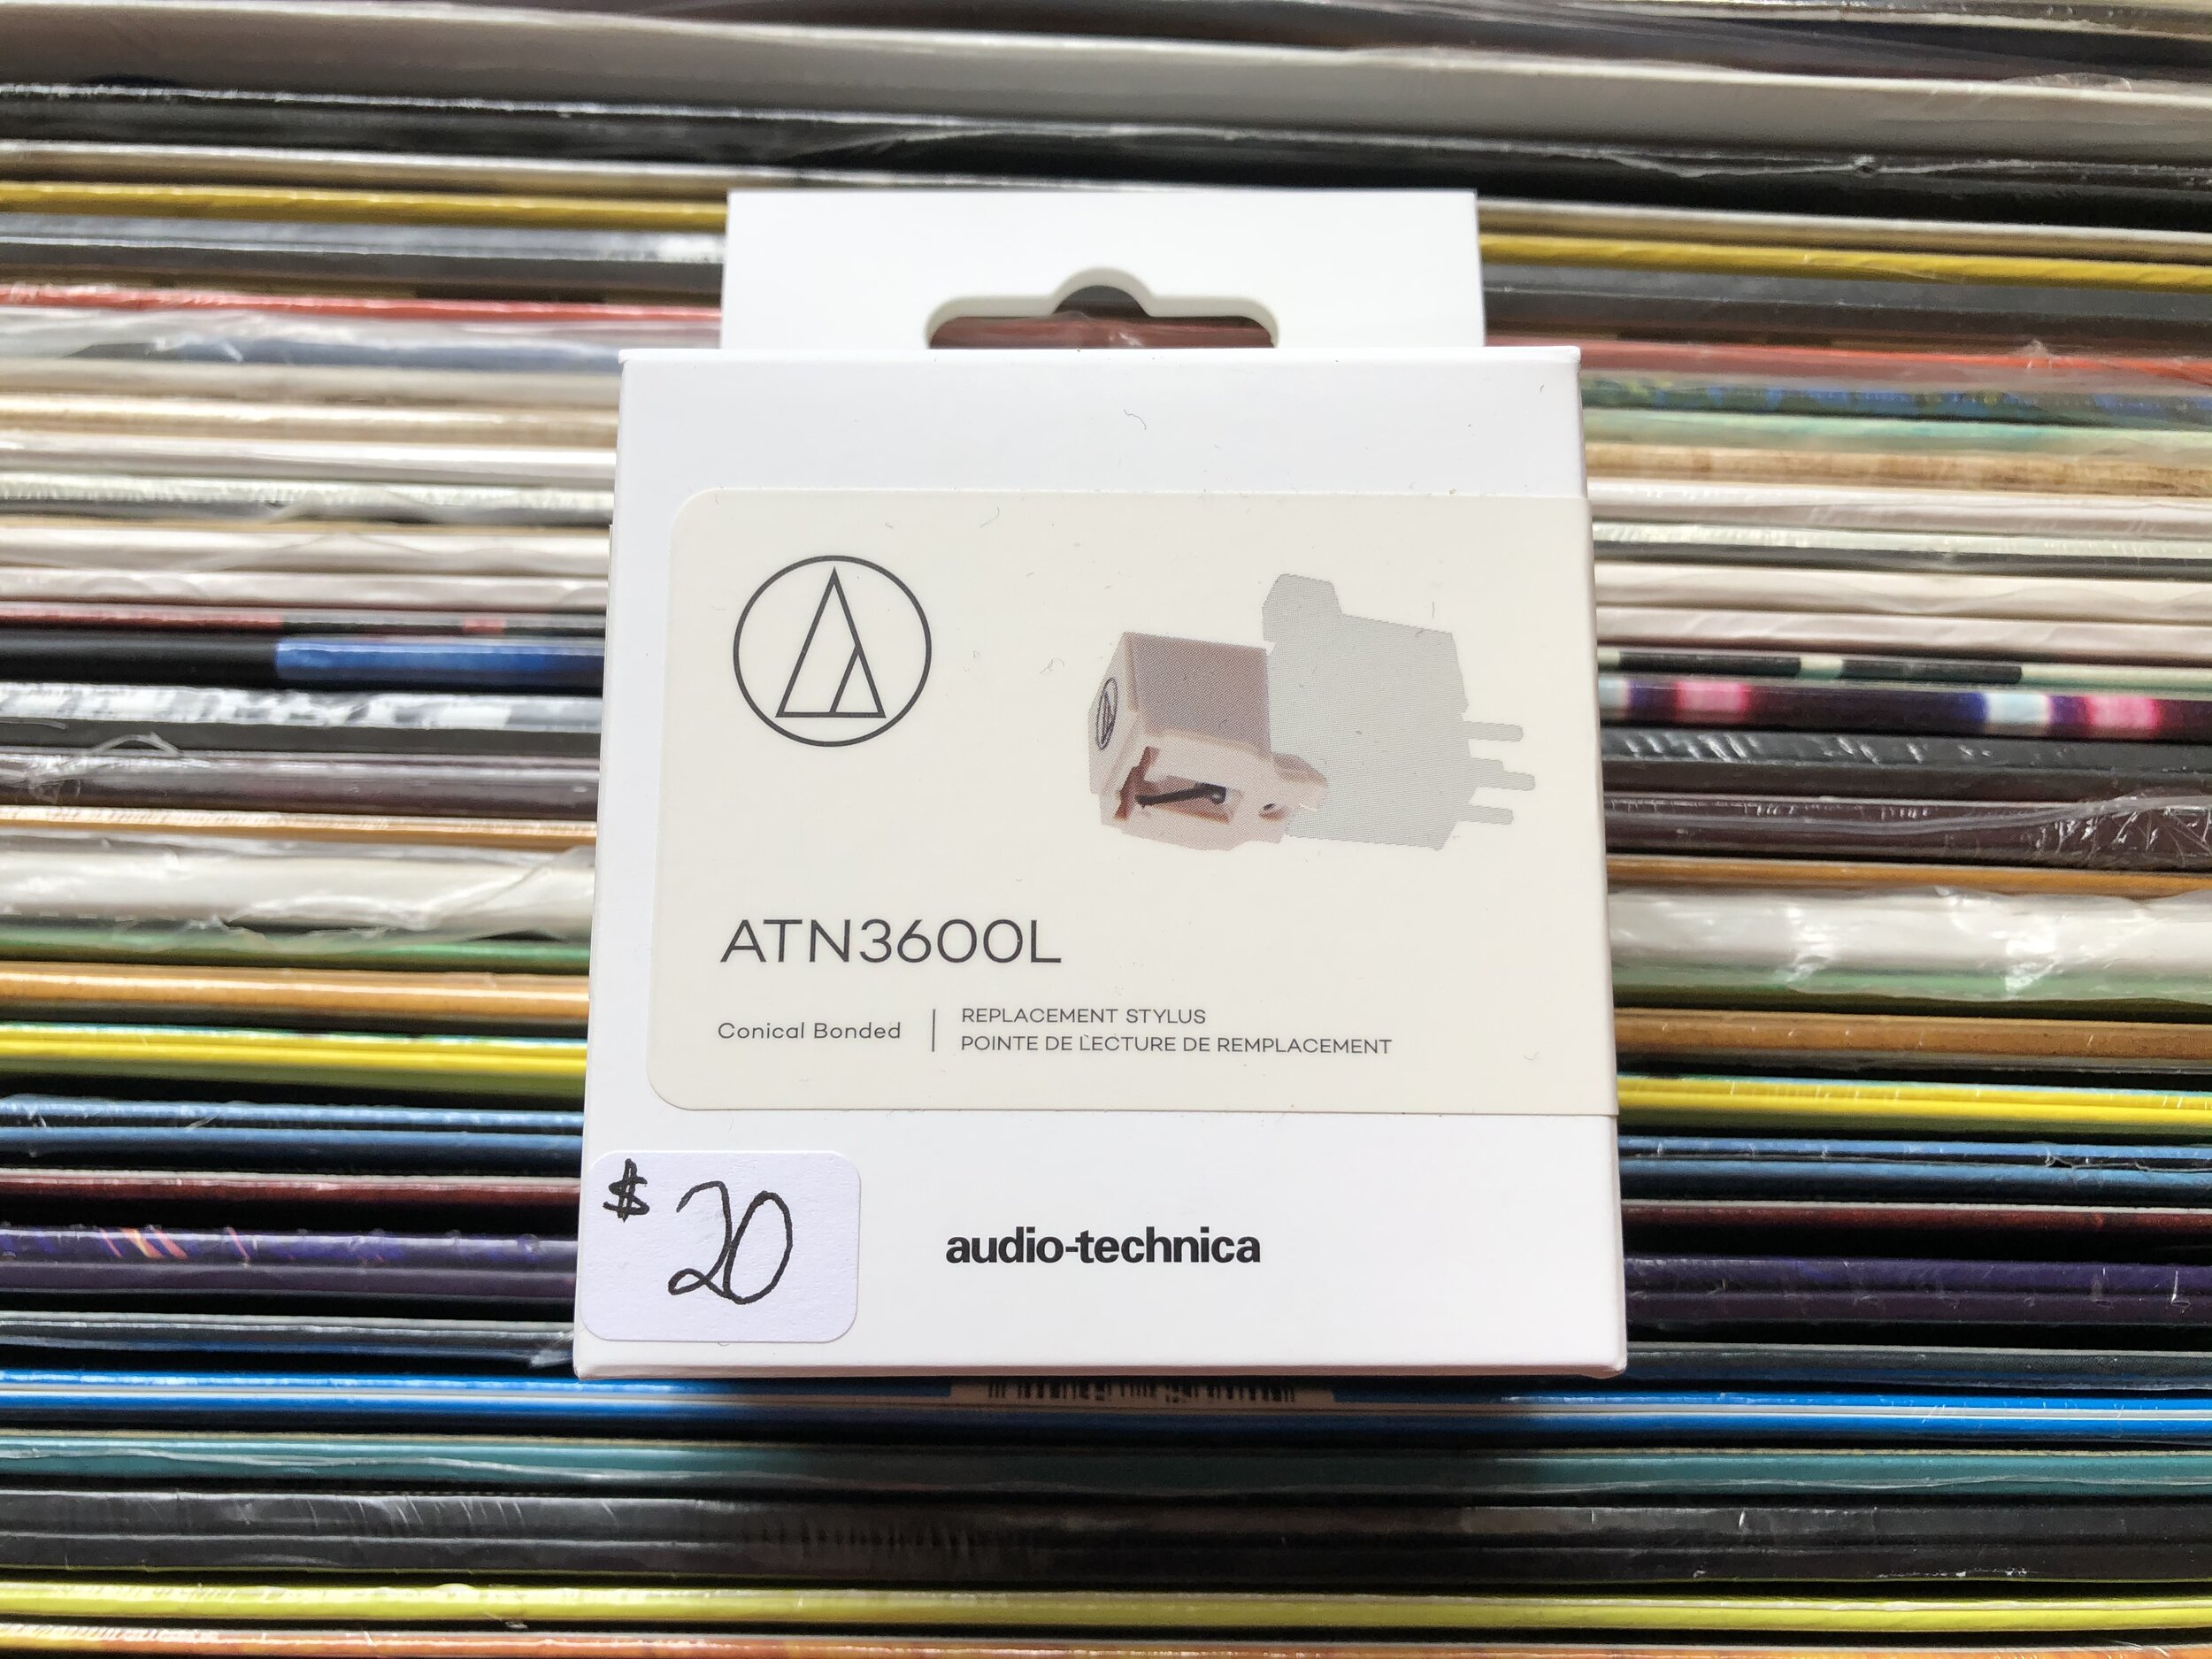 Audio technica ATN3600L